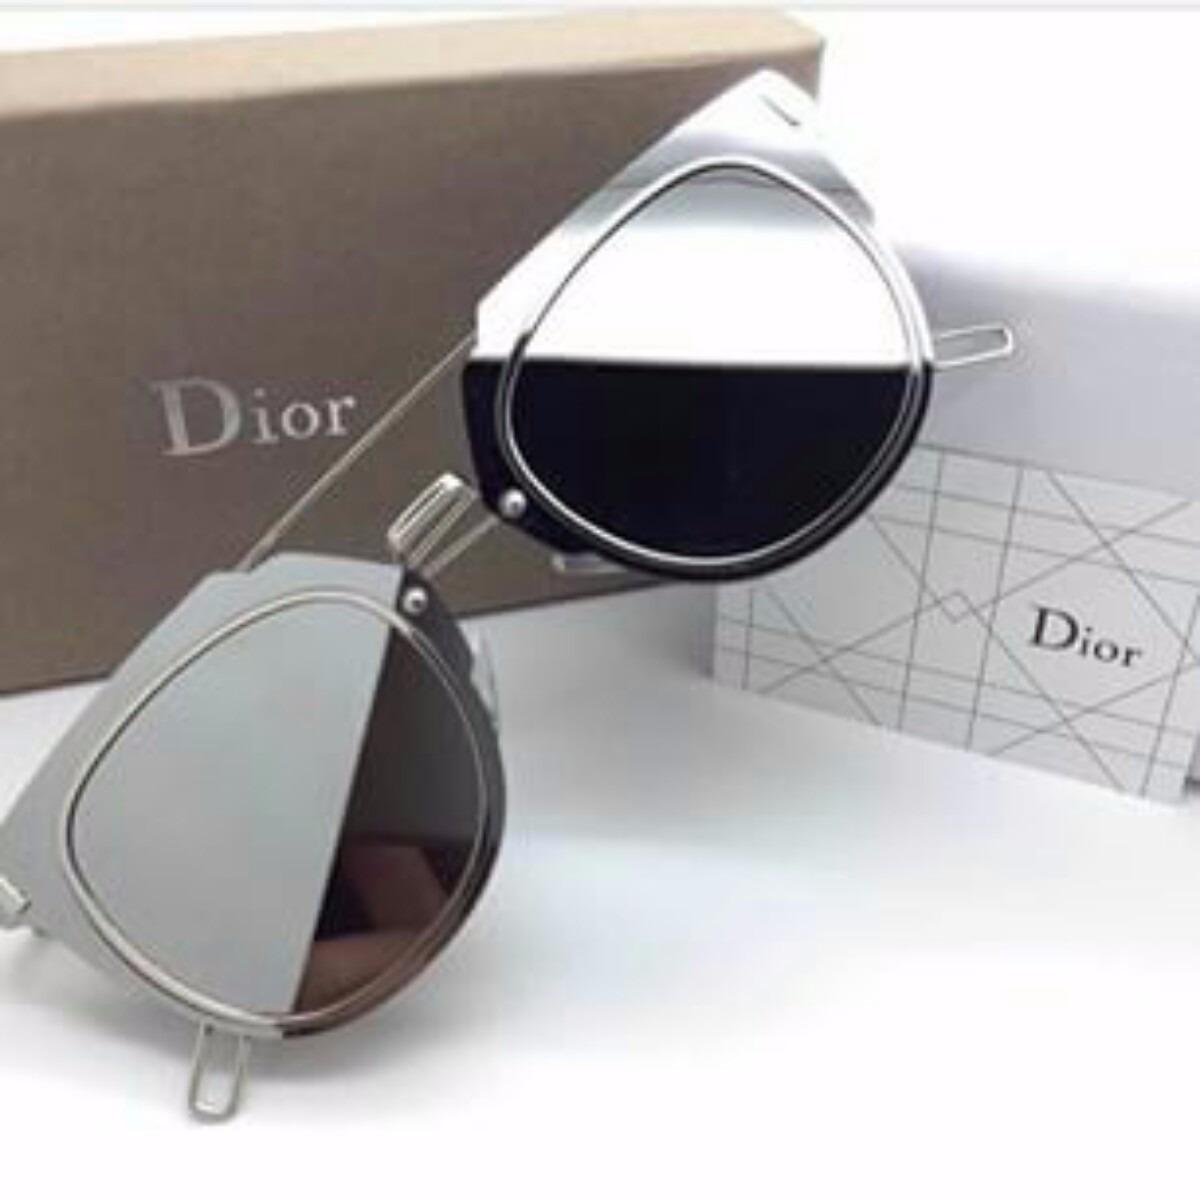 df63a4751 Comprar óculos De Sol Dior « One More Soul